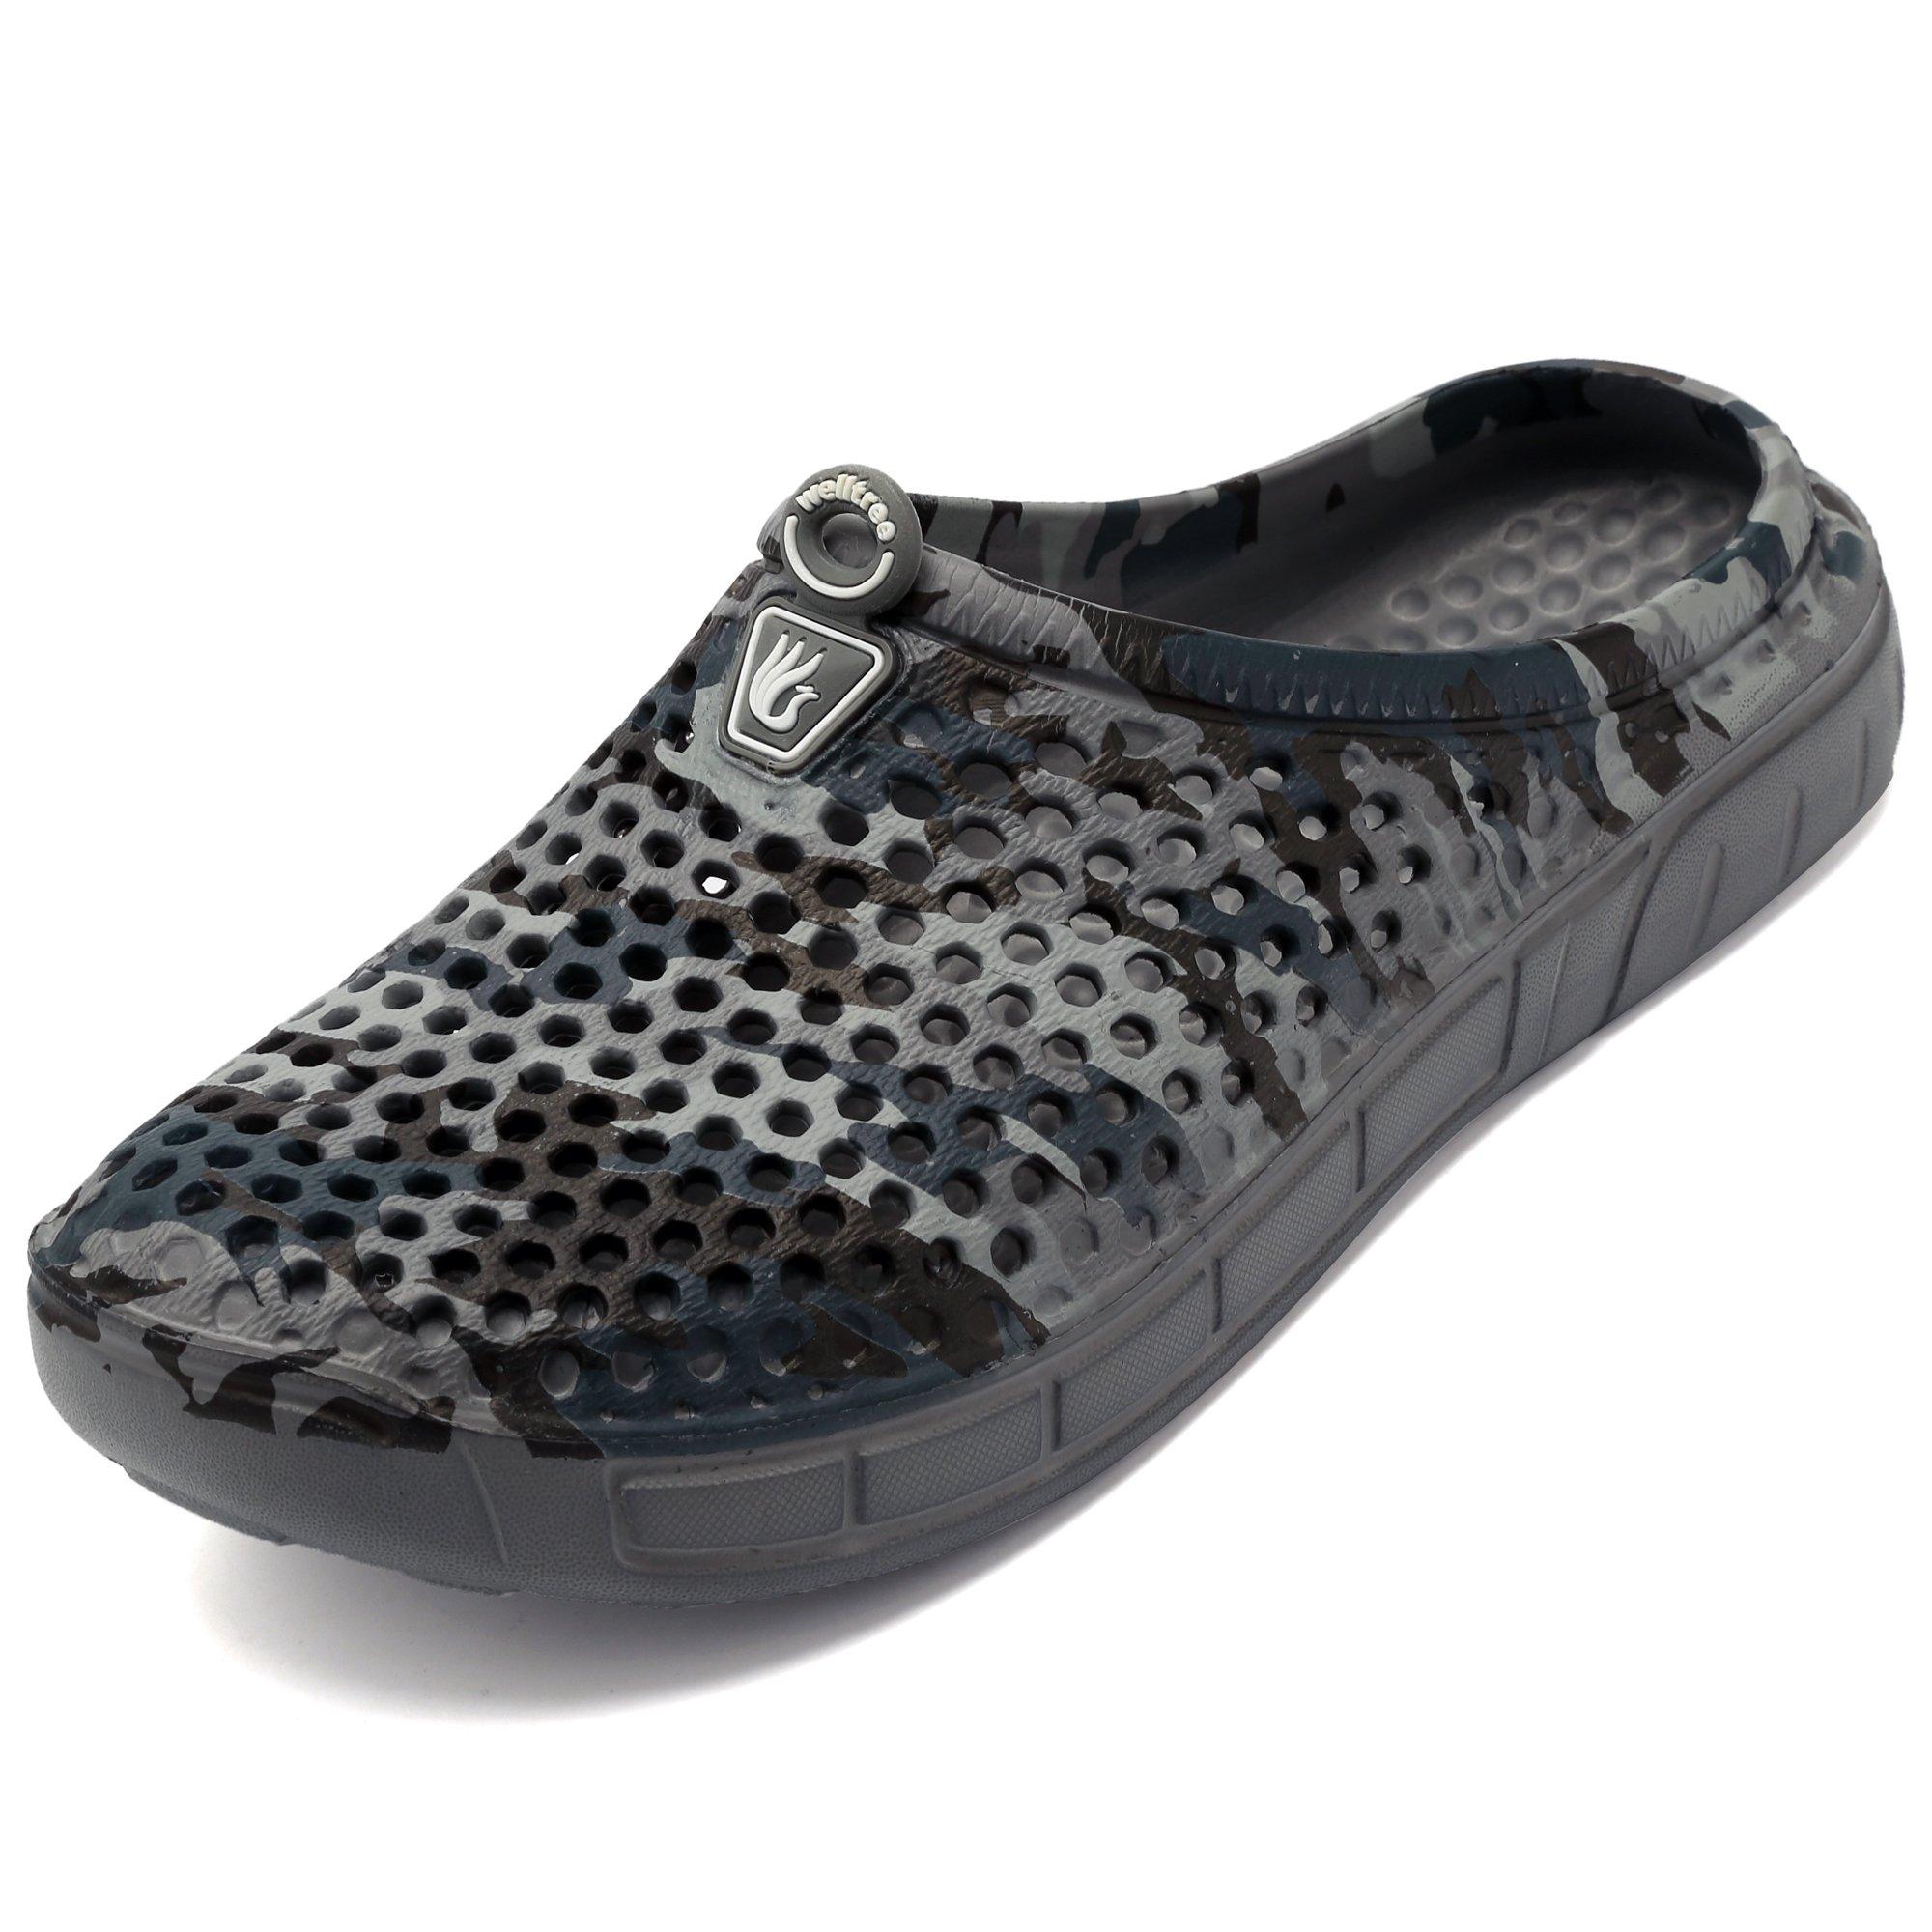 welltree Unisex Women's Men's Garden Clog Shoes Quick Drying Slippers Sandals 11 Men/13 Women CamoGrey/45